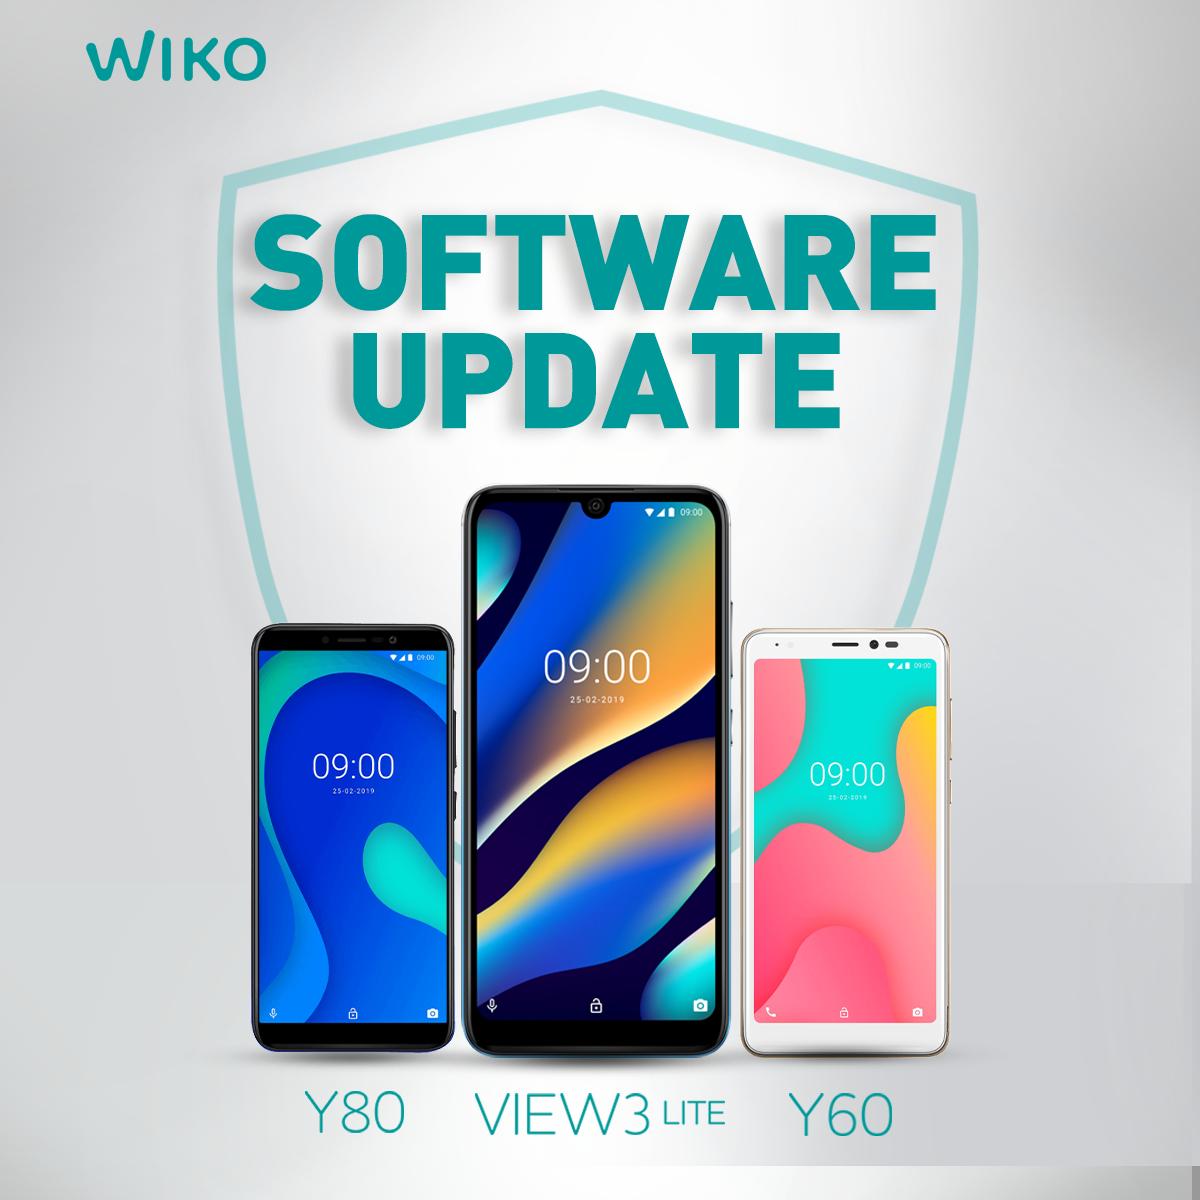 Wiko liefert neue Updates: Sicherheit für Einsteiger-Smartphones im neuen Portfolio